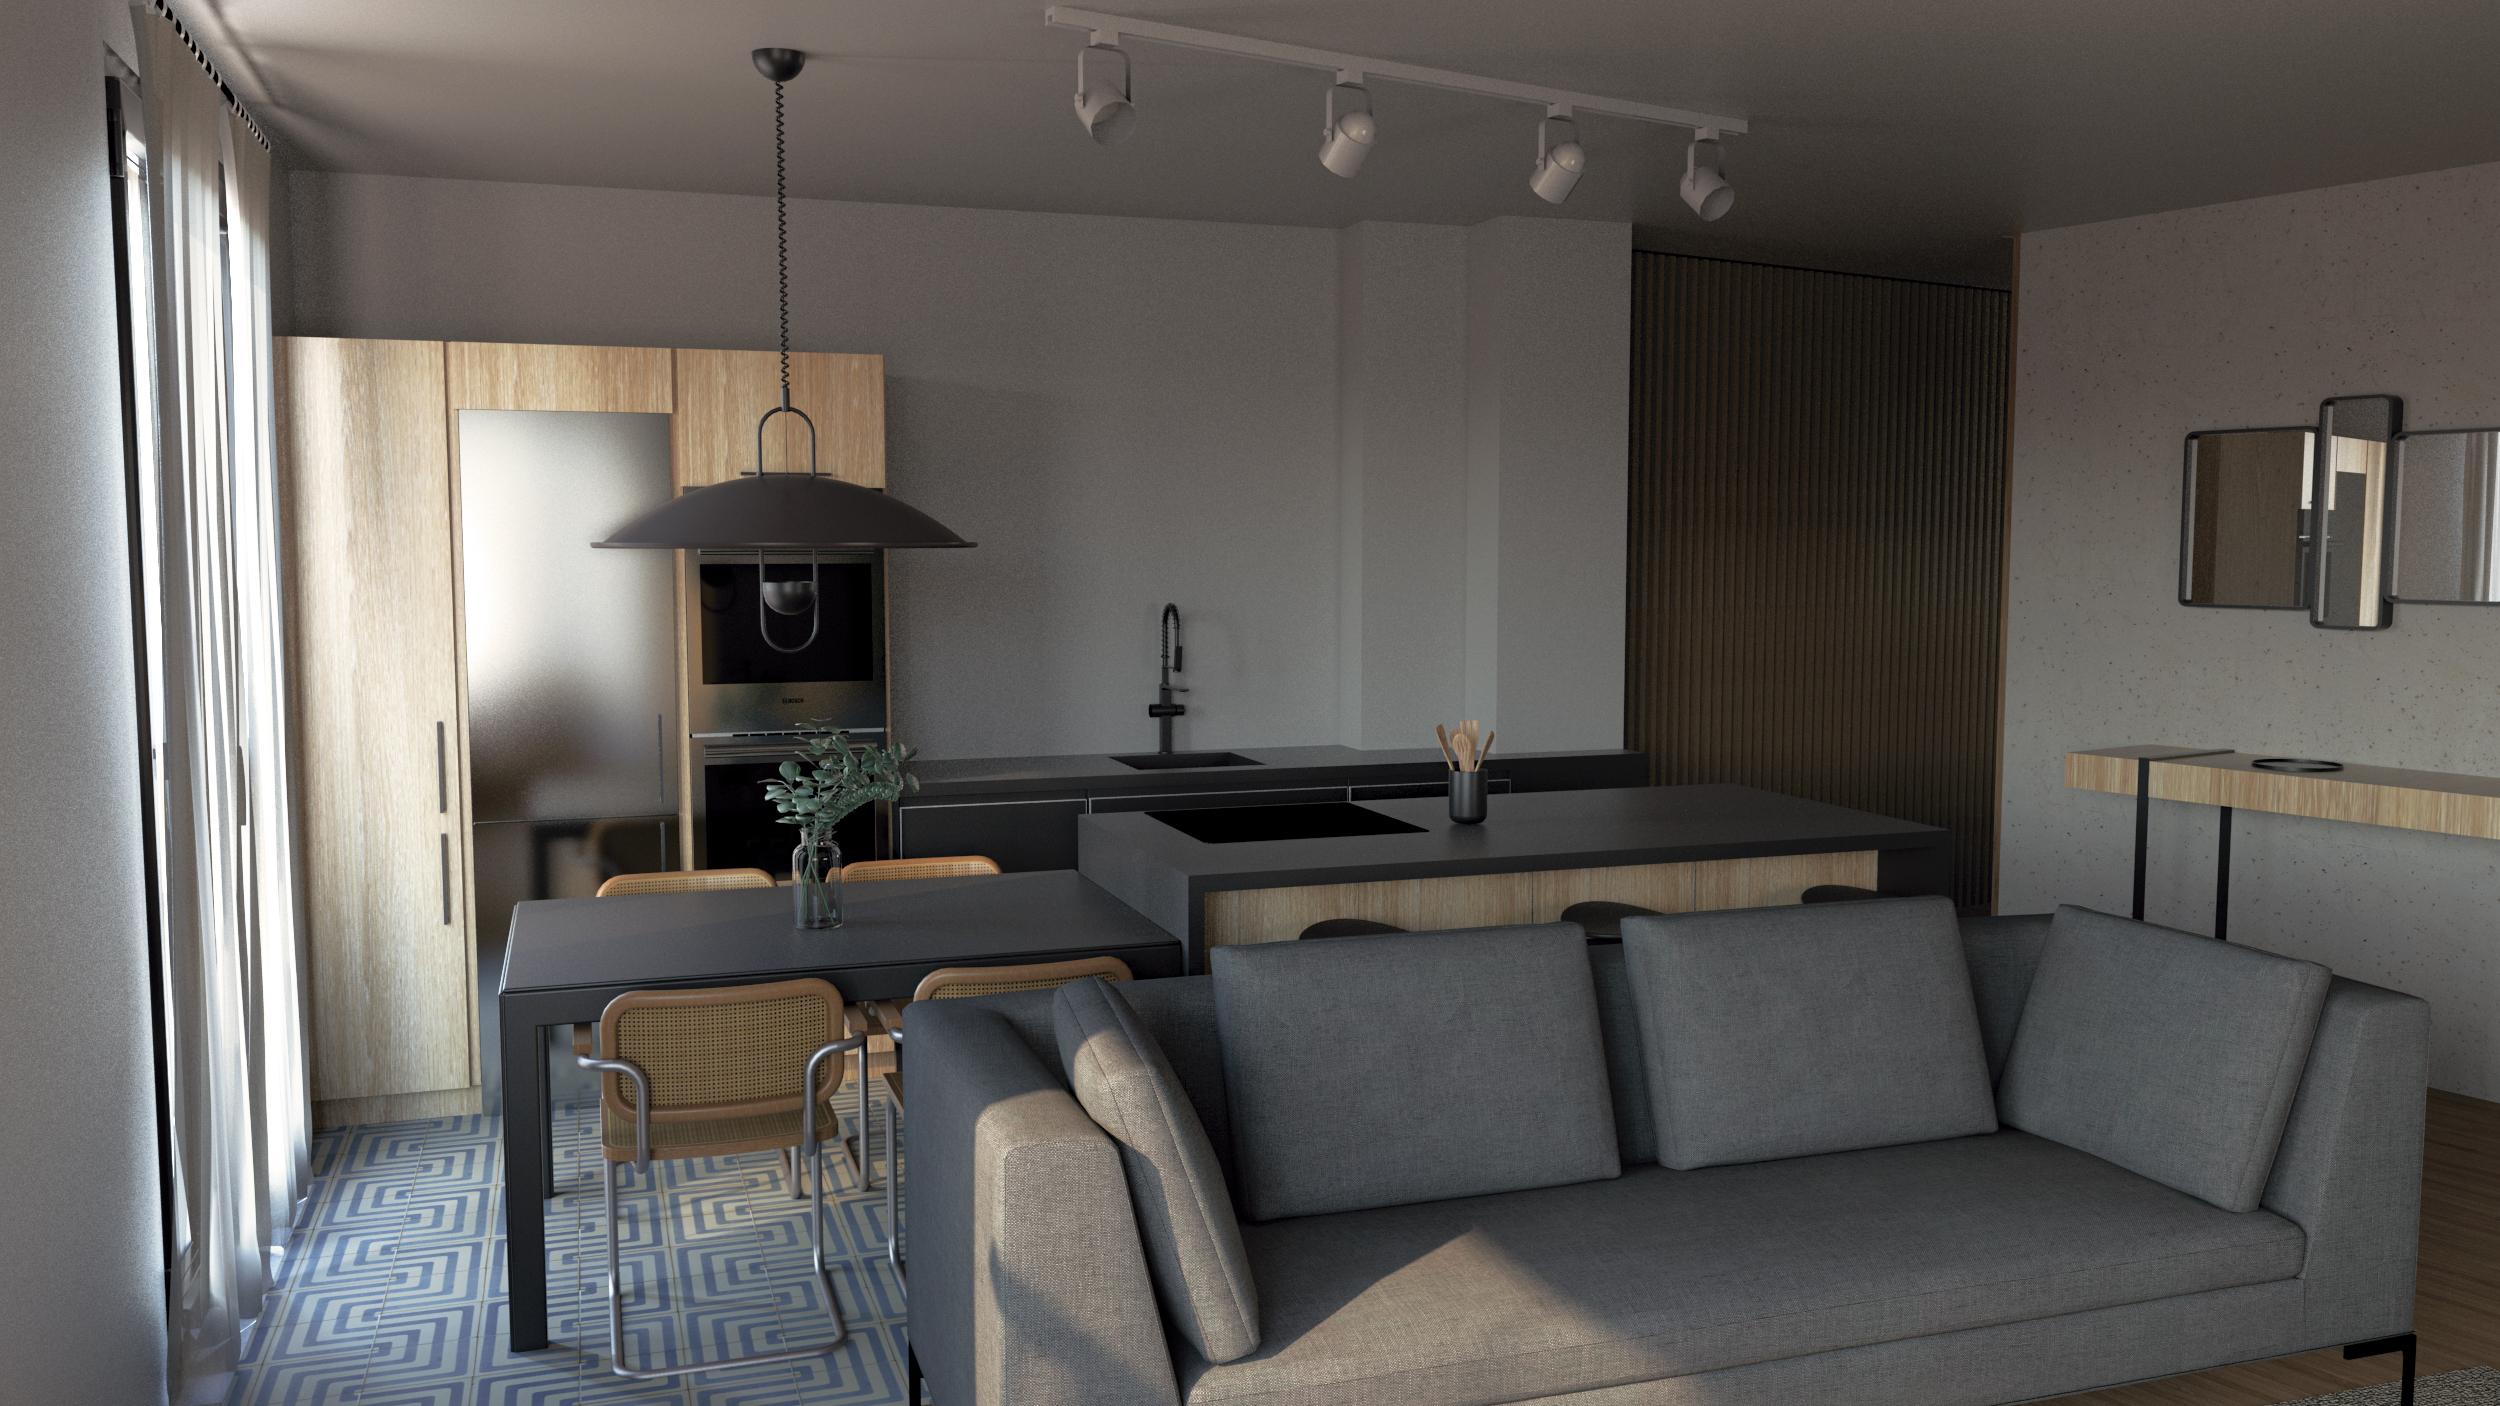 Renderizado de una vivienda by AMAIA MENDIKUTE - Creative Work